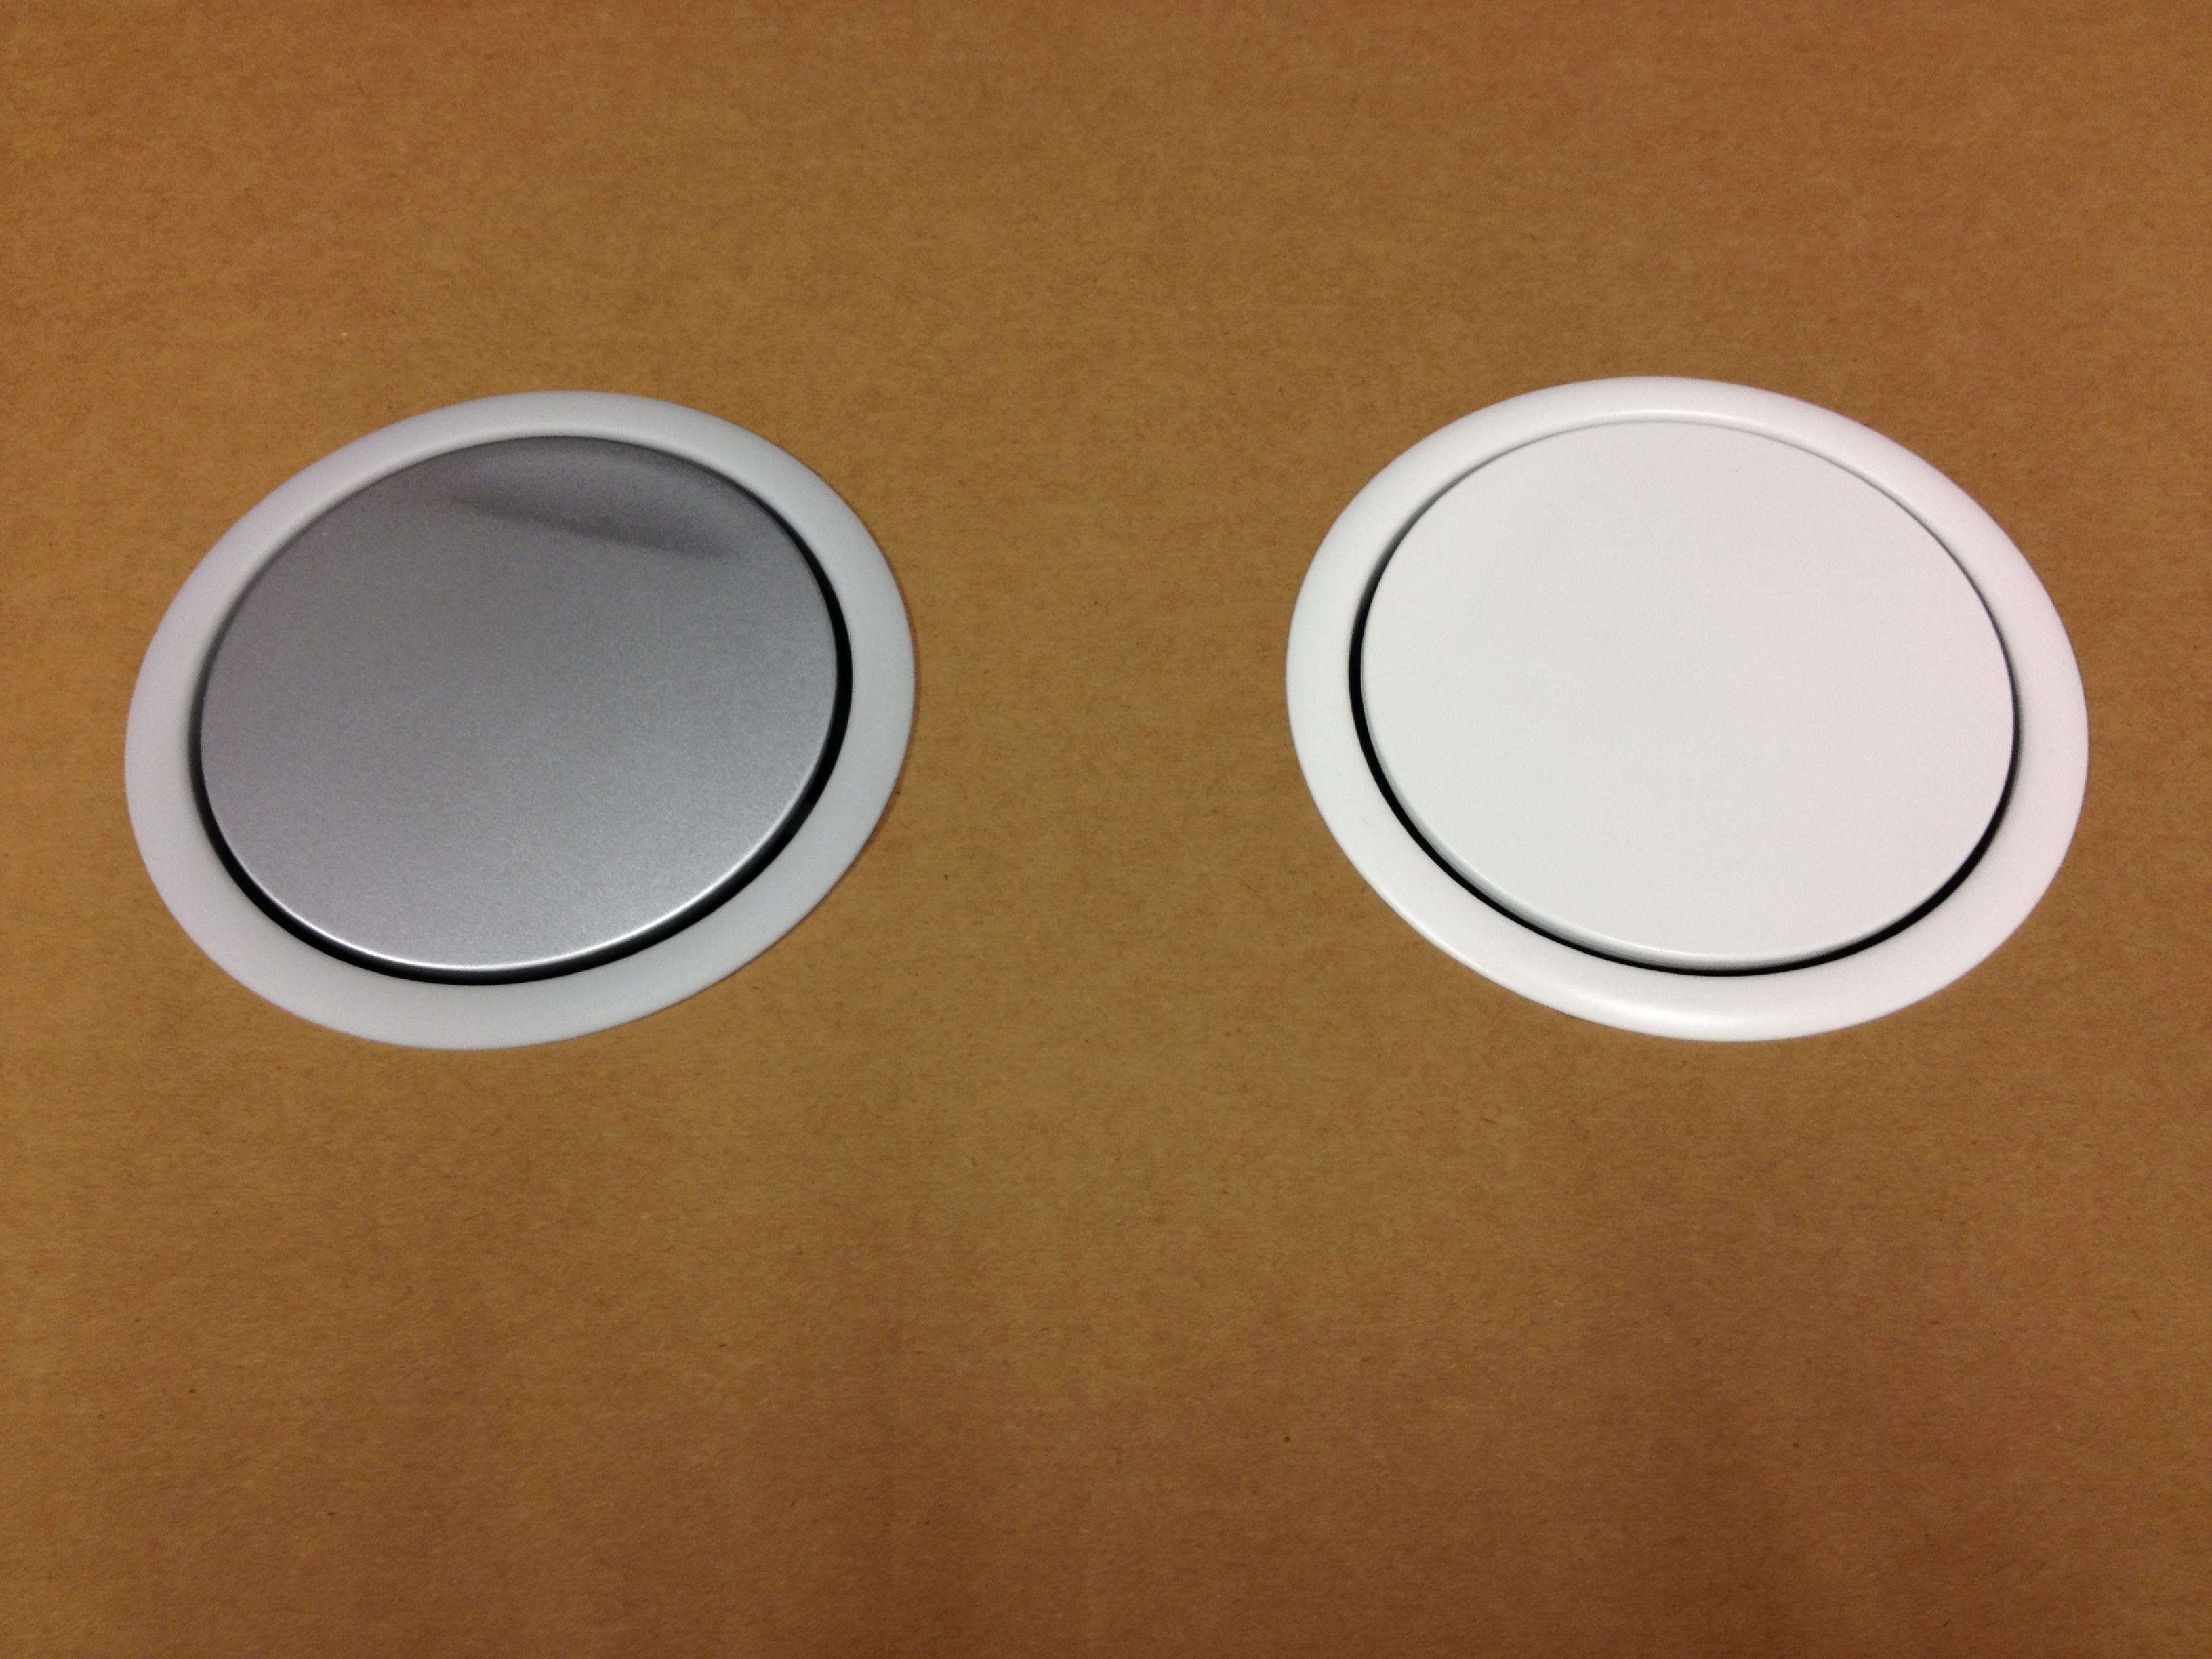 Wonderbaar Evoline verzinkbare keuken stopcontact 3 voudig met witte deksel TF-19